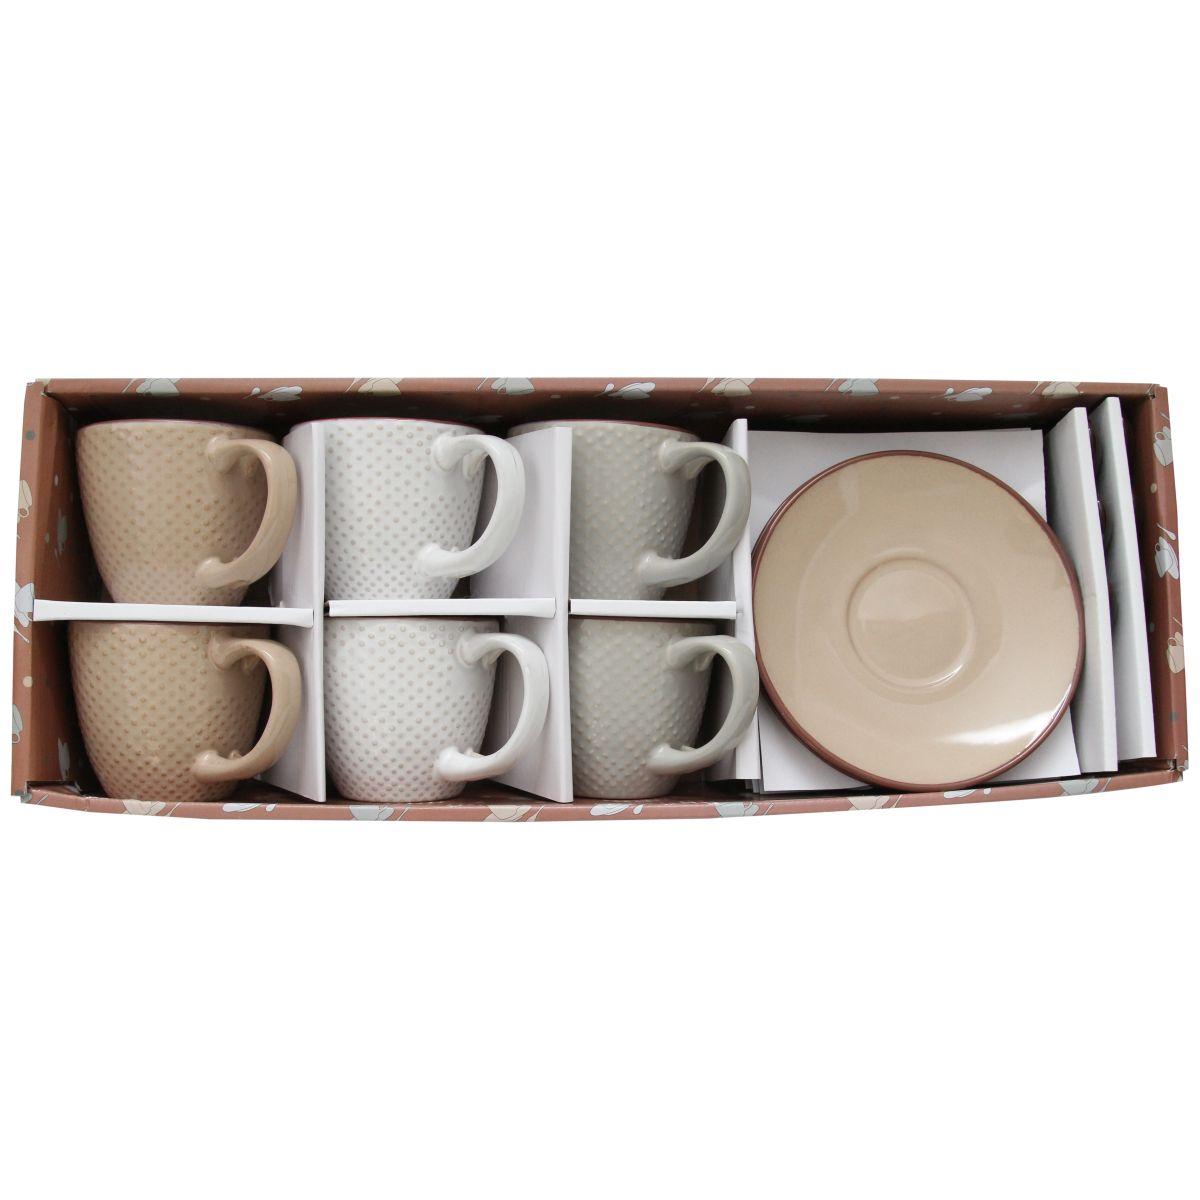 Cutie Cu 6 Cesti Cu Lingurite Si 6 Farfurii Din Ceramica